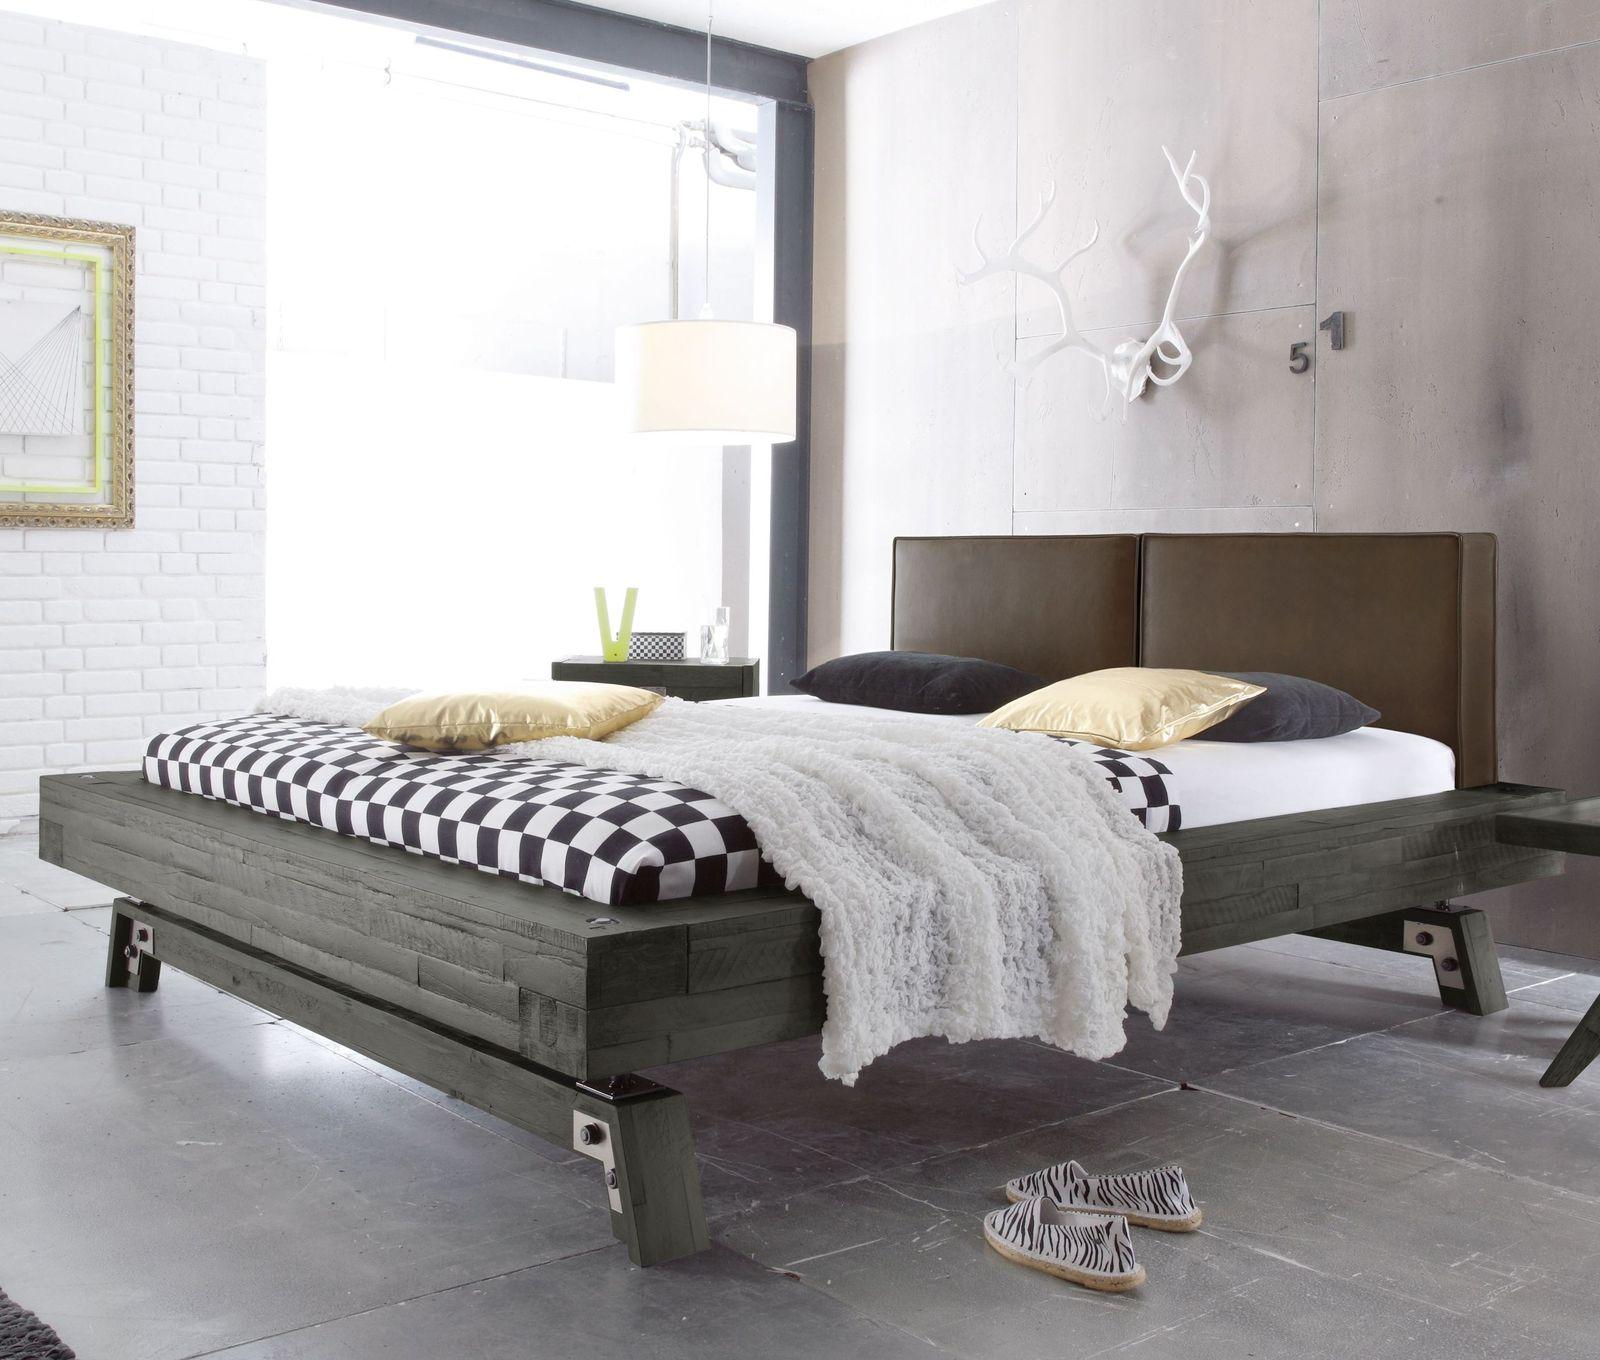 Full Size of Graues Bett Massivholz Z B In Grau Aus Akazie Salo Bettende Betten überlänge Kopfteile Für Balken Weißes 160x200 Kopfteil Selber Bauen Mit Rutsche Komplett Bett Graues Bett